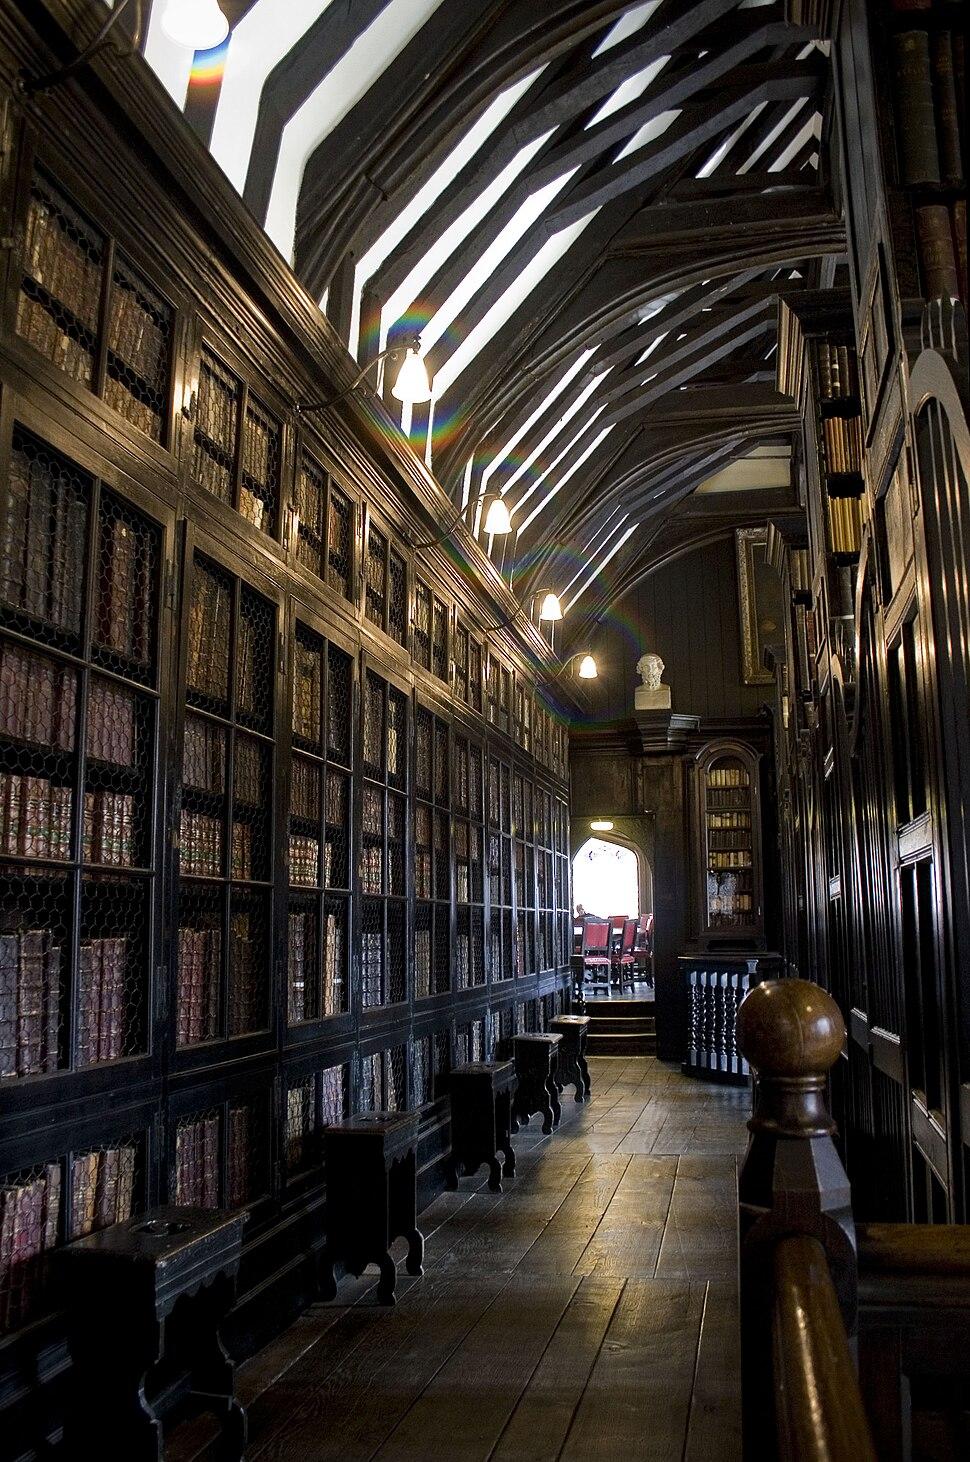 Chethams library interior